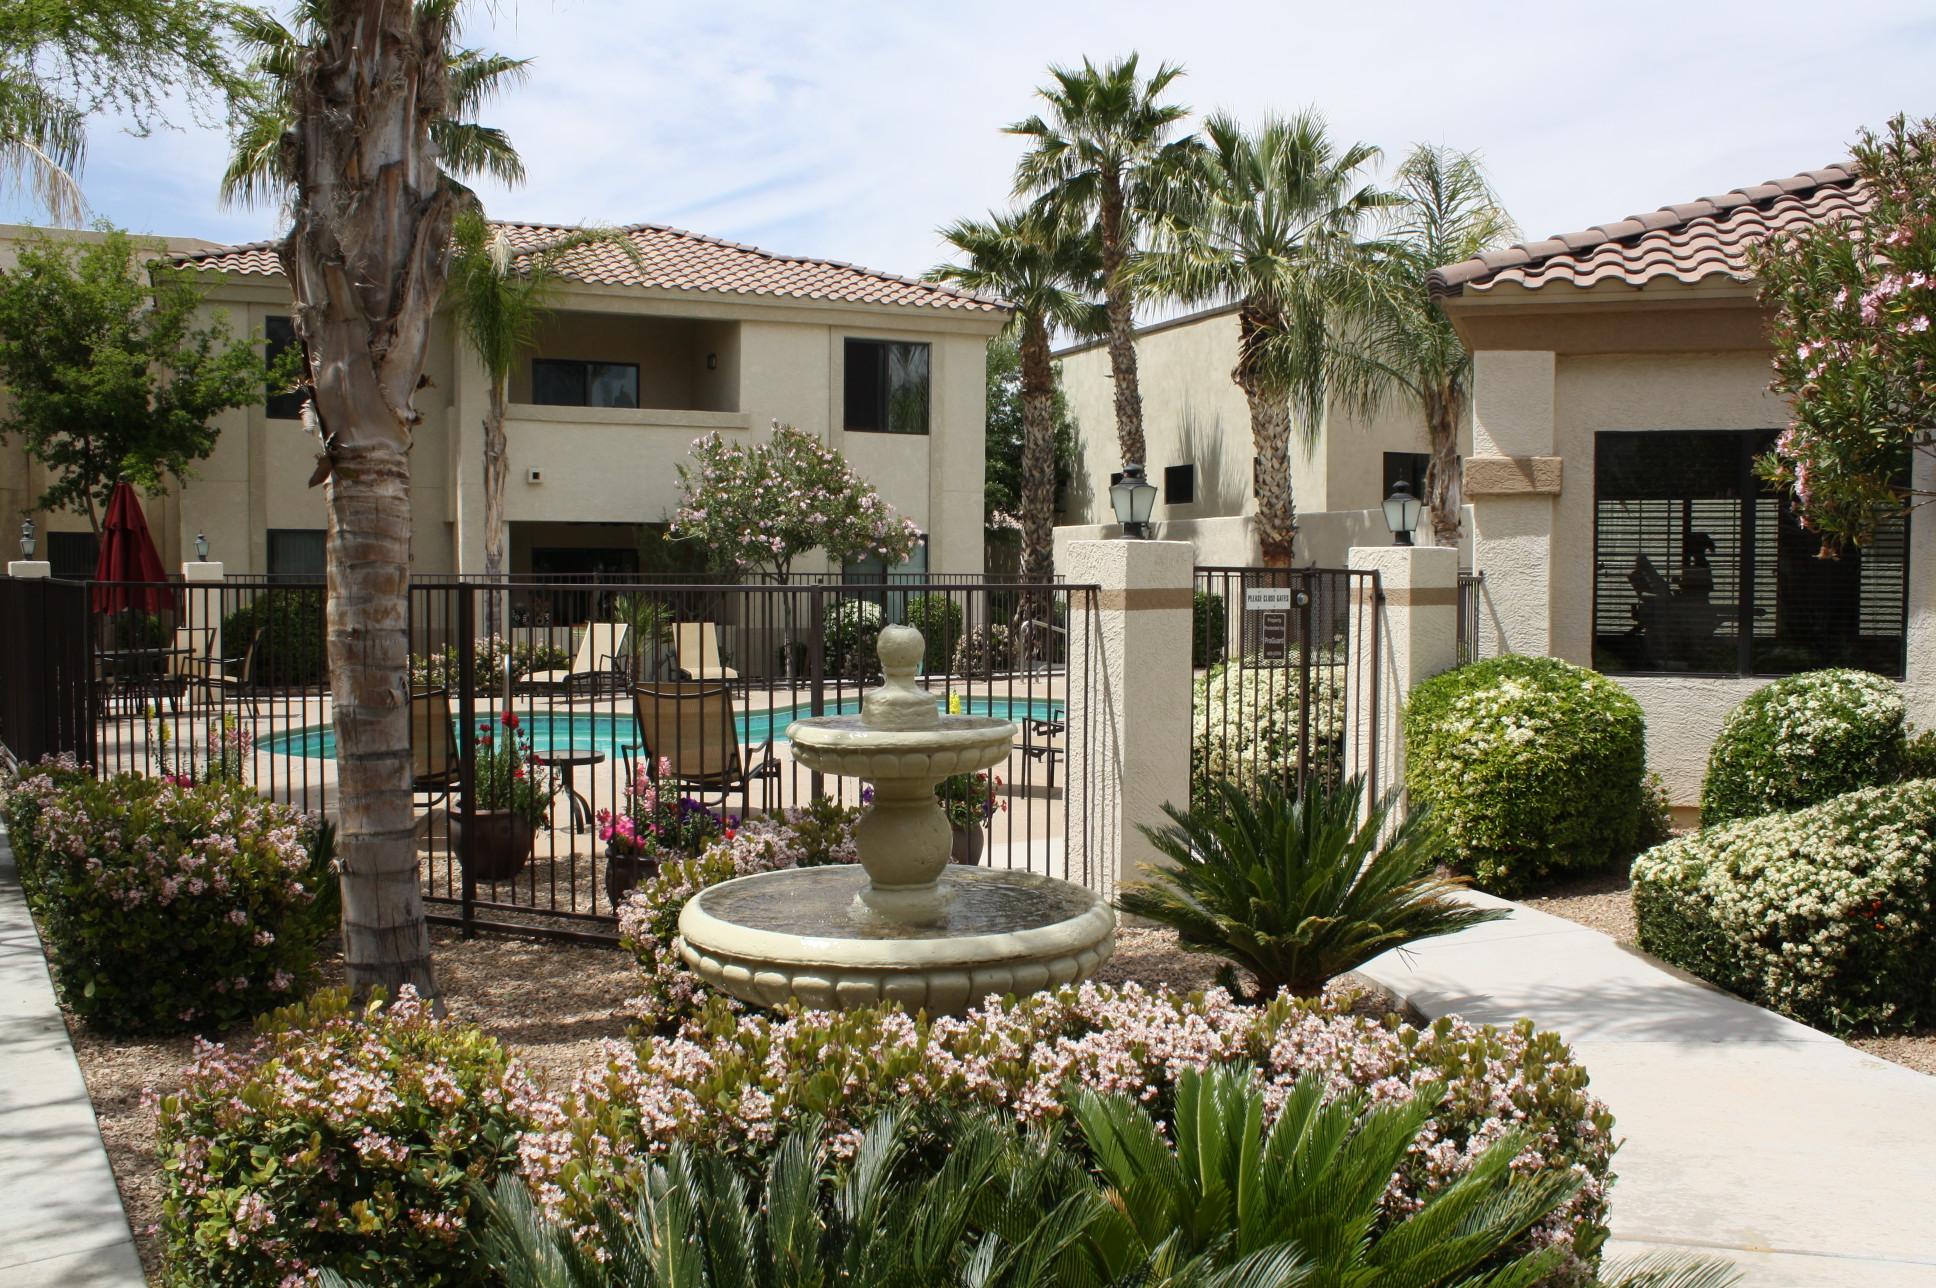 Villas Hacienda Del Sol Tucson